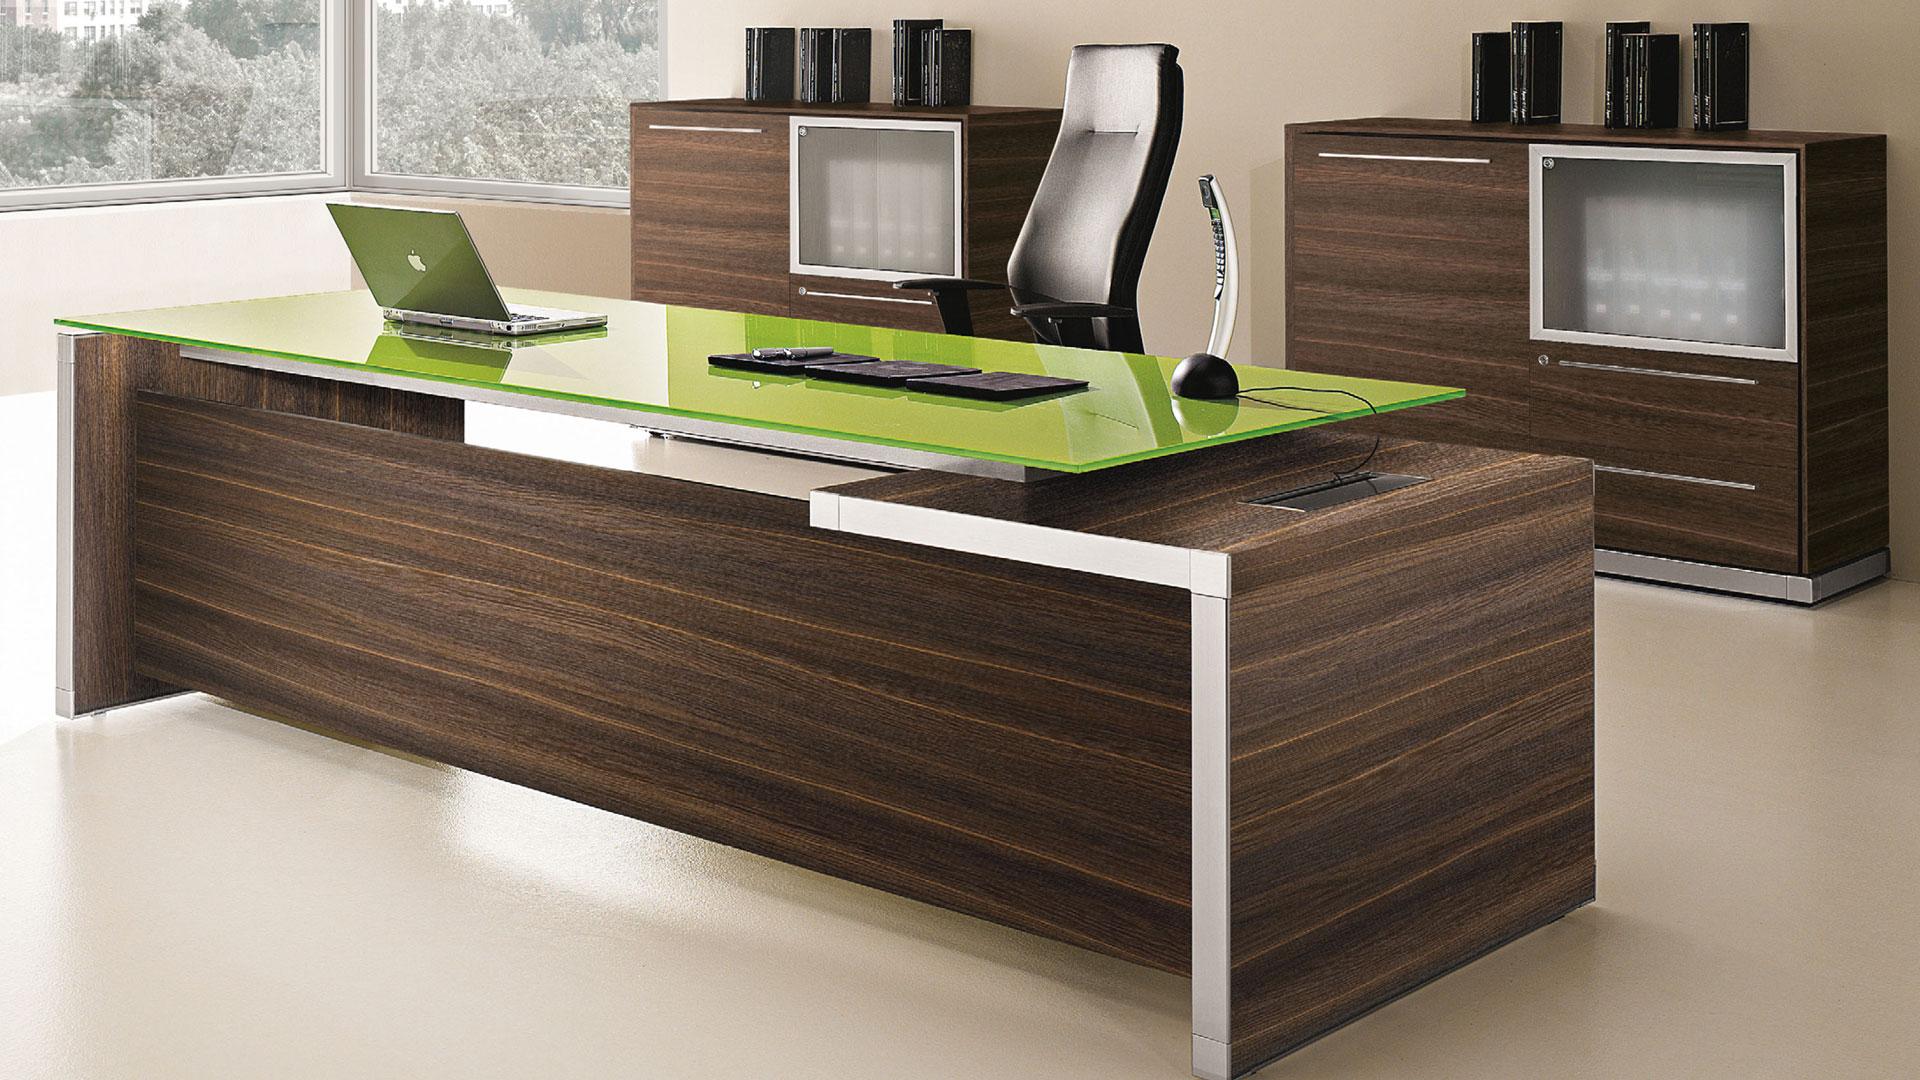 Офисная мебель. Офисная мебель для удобства